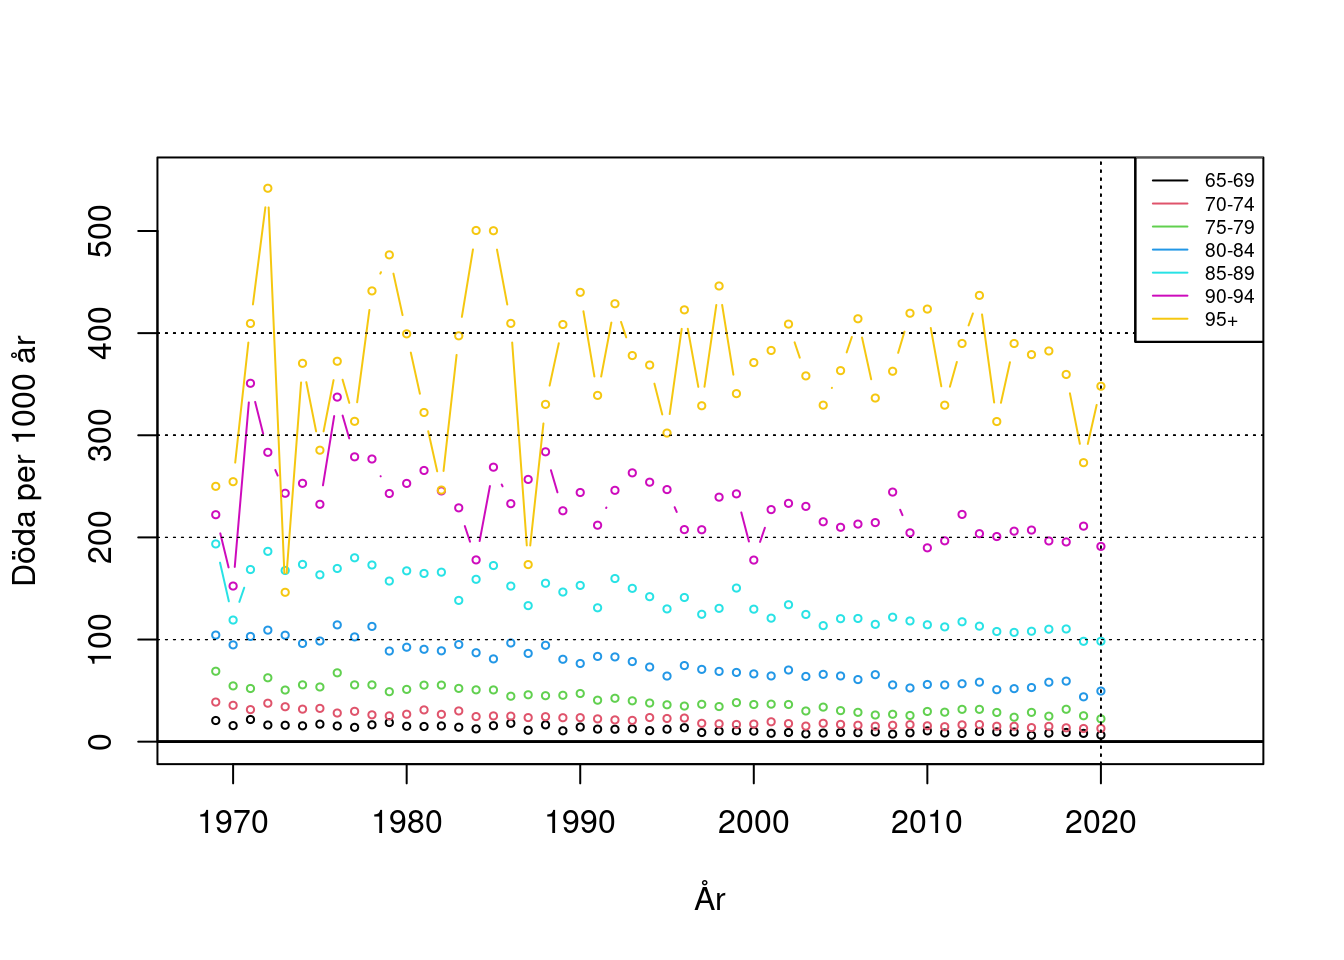 Antal döda per 1000 levnadsår, kvinnor 65+, Västerbotten 1969-2020.